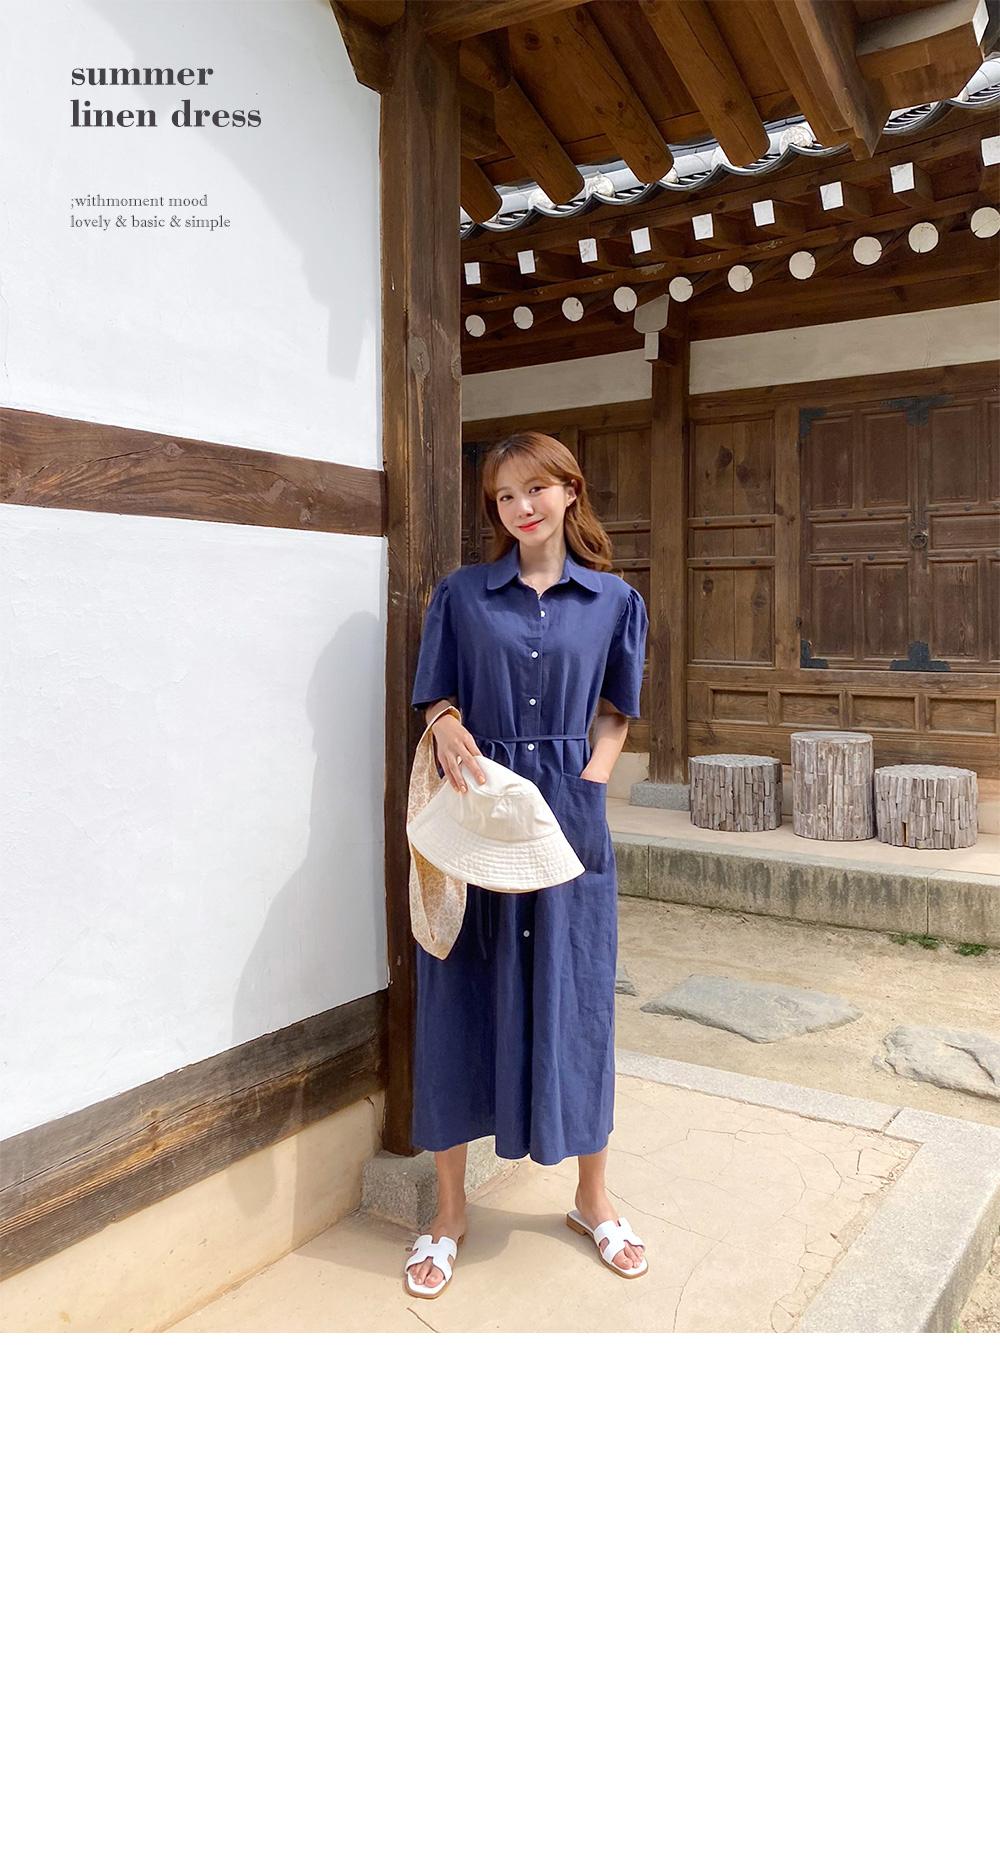 Our linen dress